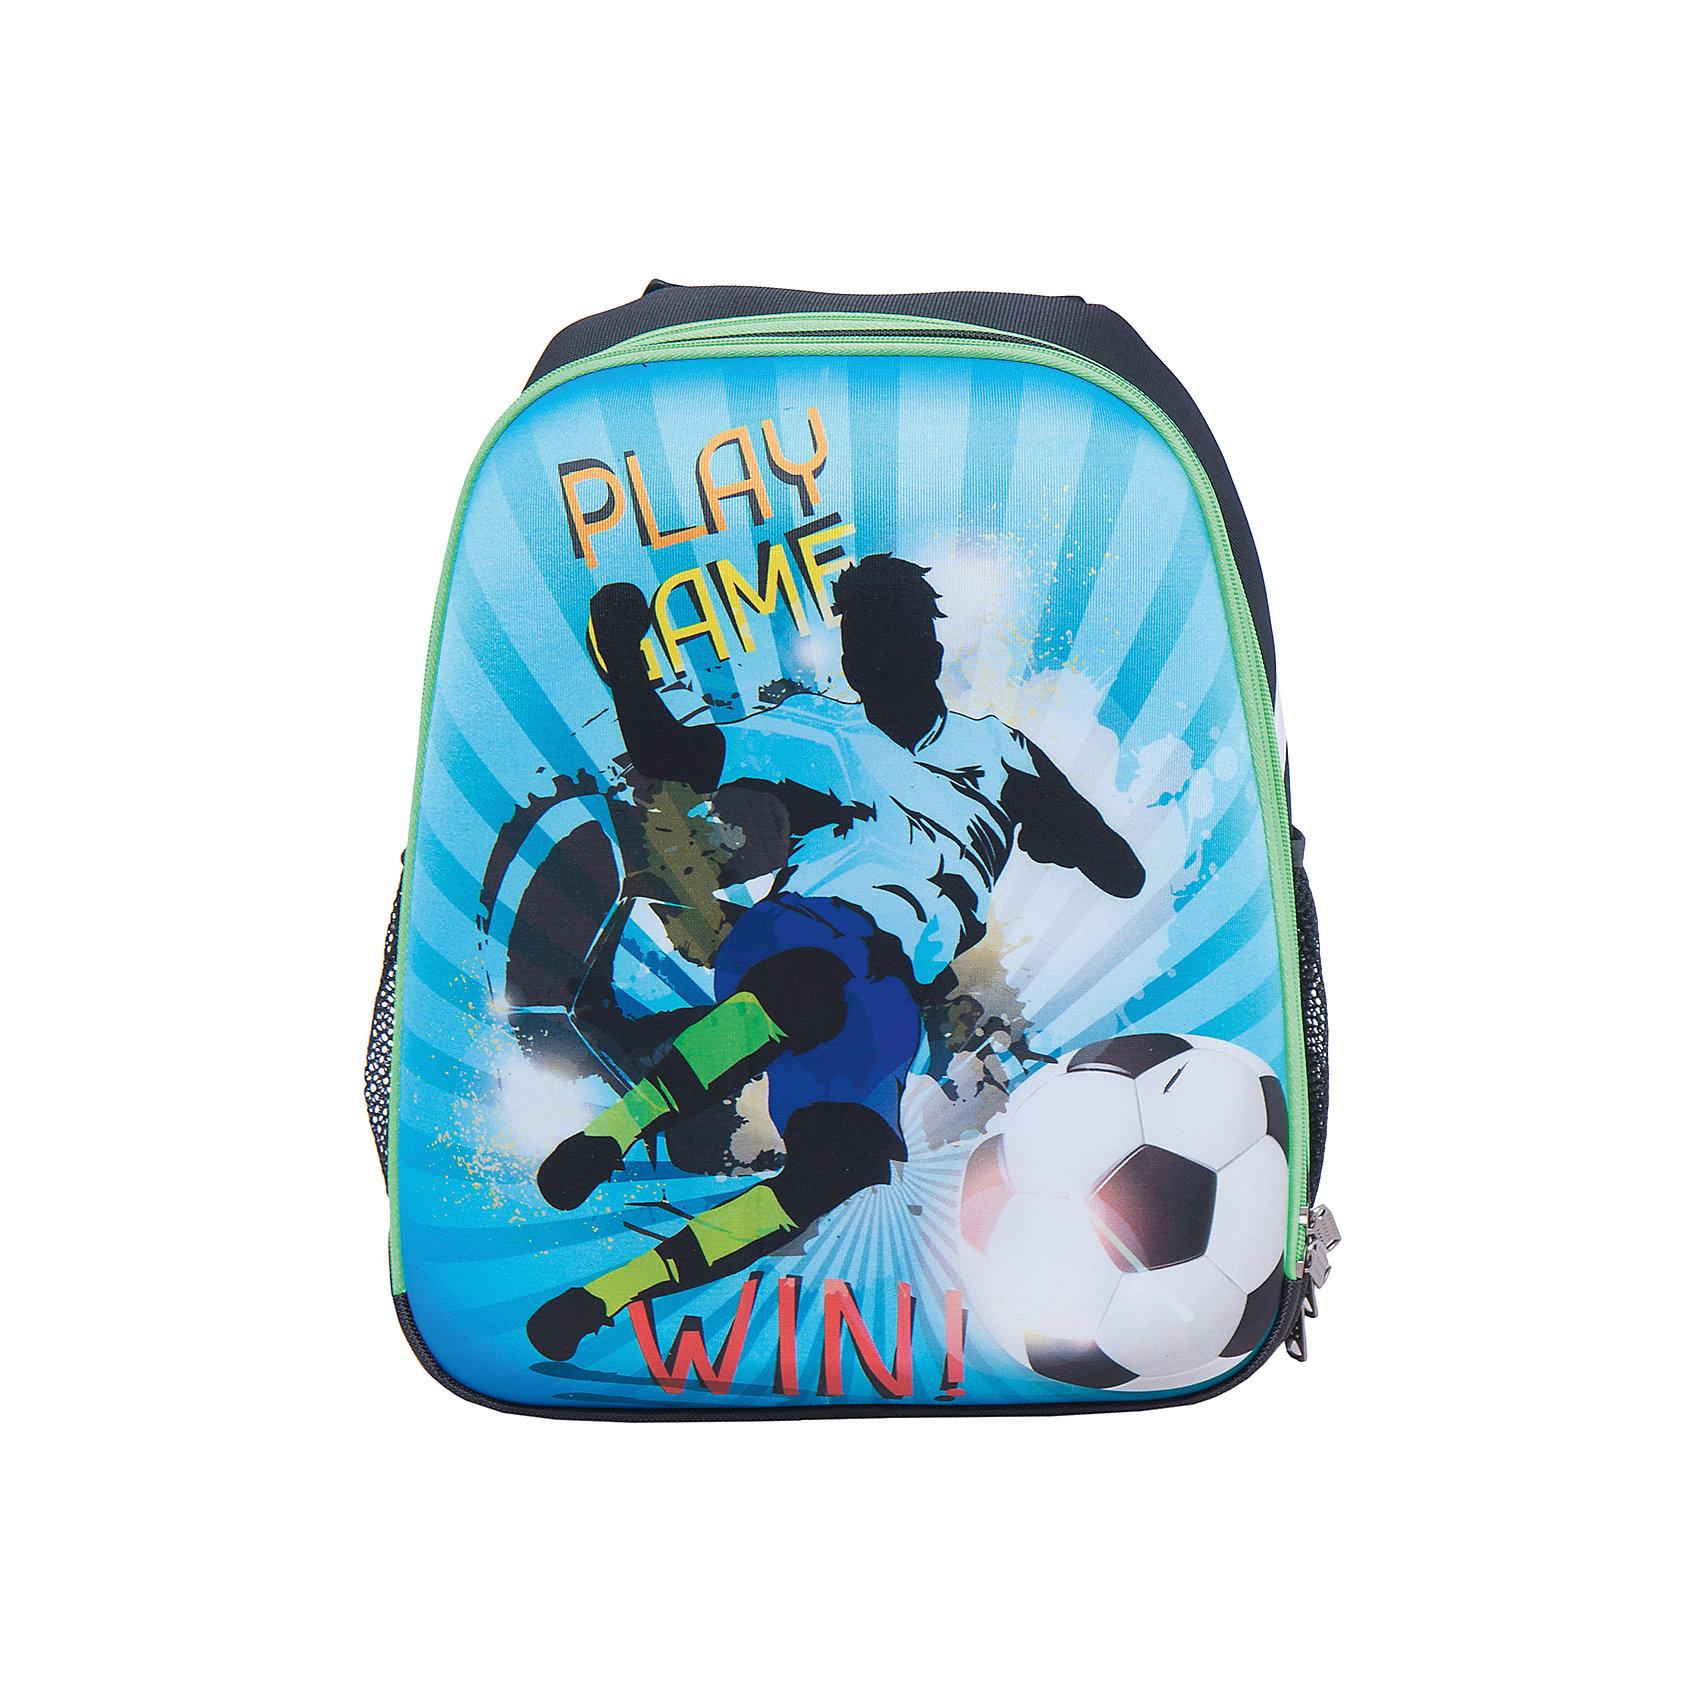 Школьный рюкзак ФутболистШкольные рюкзаки<br>Стильный каркасный рюкзак Футболист: эффектный дизайн и забота в Вашем ребенке. Благодаря твердому корпусу содержимое рюкзака надежно защищено. Эргономичная спинка и широкие регулируемые лямки берегут позвоночник Вашего школьника, равномерно распределяя нагрузку. Для переноски рюкзака в руке предусмотрена удобная ручка. Внутри рюкзака 2 вместительных отделения, а также 2 боковых кармана. Плотное дно надежно защищает учебники и тетрадки от промокания, даже если поставить рюкзак в лужу!<br><br>Дополнительная информация:<br>- размеры: 38х31,5х17 см<br>- вес: 900 гр.<br>- материал: нейлон, полиэстер, передняя и боковые части - вспененный формованный микропористый полимер<br>- принт устойчив к выгоранию<br>- застежка-молния с легким ходом<br><br>Каркасный рюкзак Футболист  можно купить в нашем интернет-магазине<br><br>Ширина мм: 170<br>Глубина мм: 315<br>Высота мм: 380<br>Вес г: 750<br>Возраст от месяцев: 72<br>Возраст до месяцев: 144<br>Пол: Мужской<br>Возраст: Детский<br>SKU: 4616120